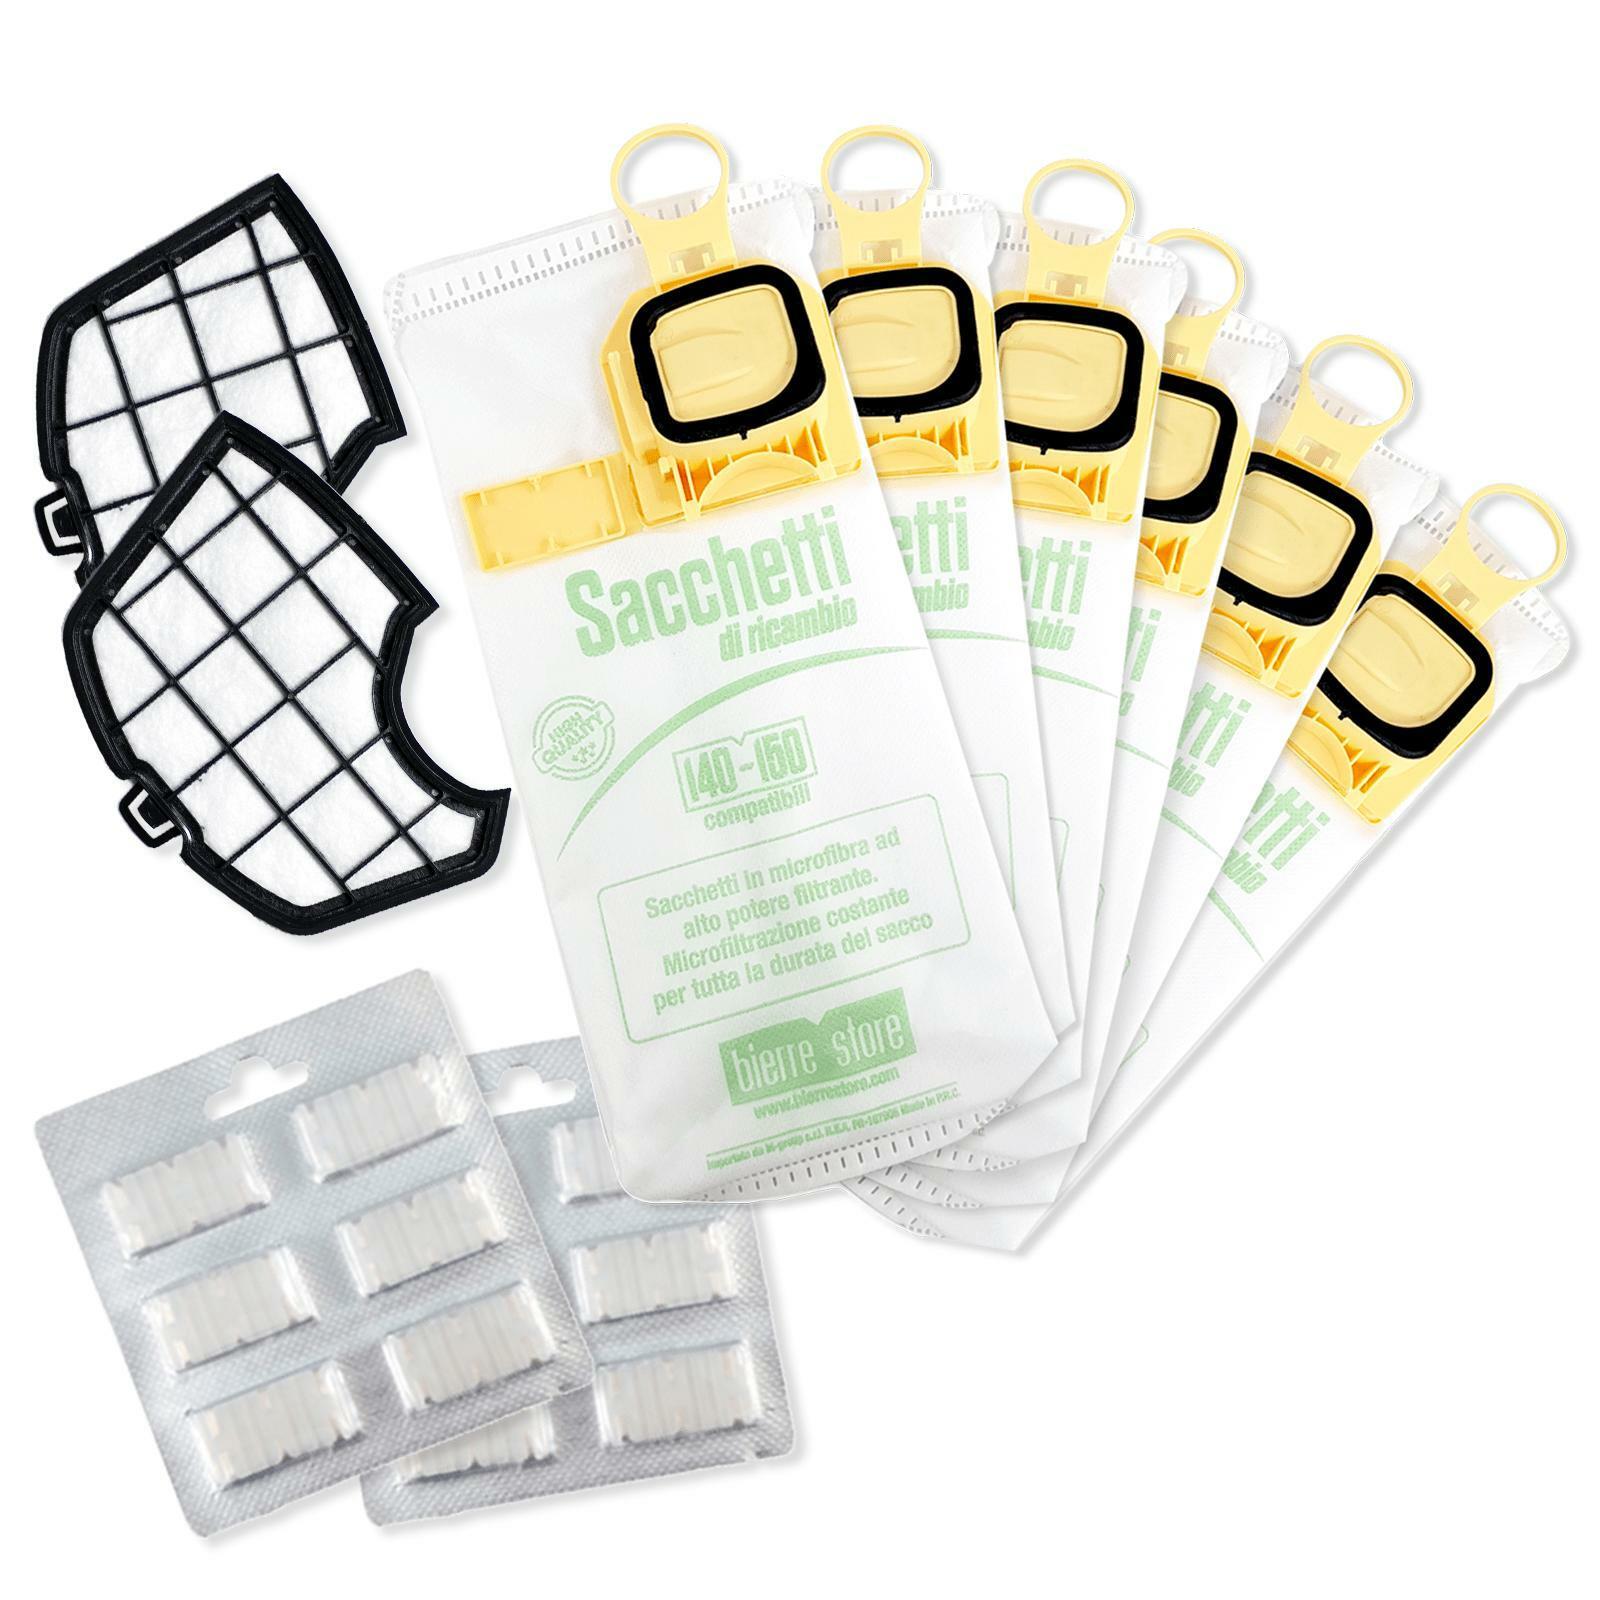 bierre store sacchetti aspirapolvere folletto vk 140 vk 150 12pz profumi filtri spazzola compatibili